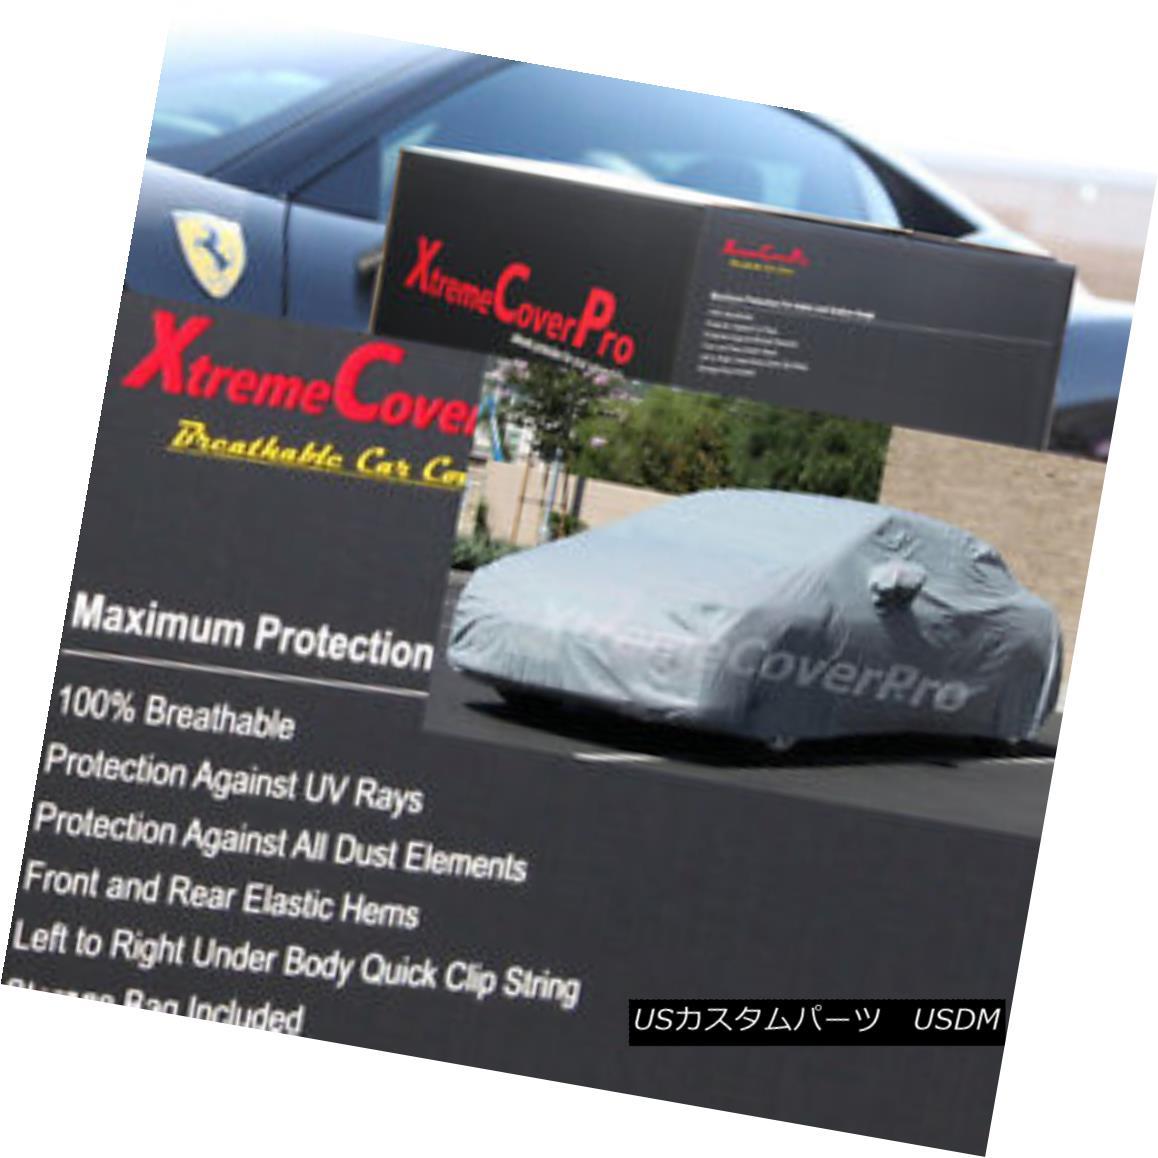 カーカバー 2016 2017 2018 MERCEDES E400 E550 COUPE BREATHABLE CAR COVER W/MIRRORPOCKET-GREY 2016 2017 2018 MERCEDES E400 E550ブリーザブルカーカバー付き/ミラーポケット -GREY